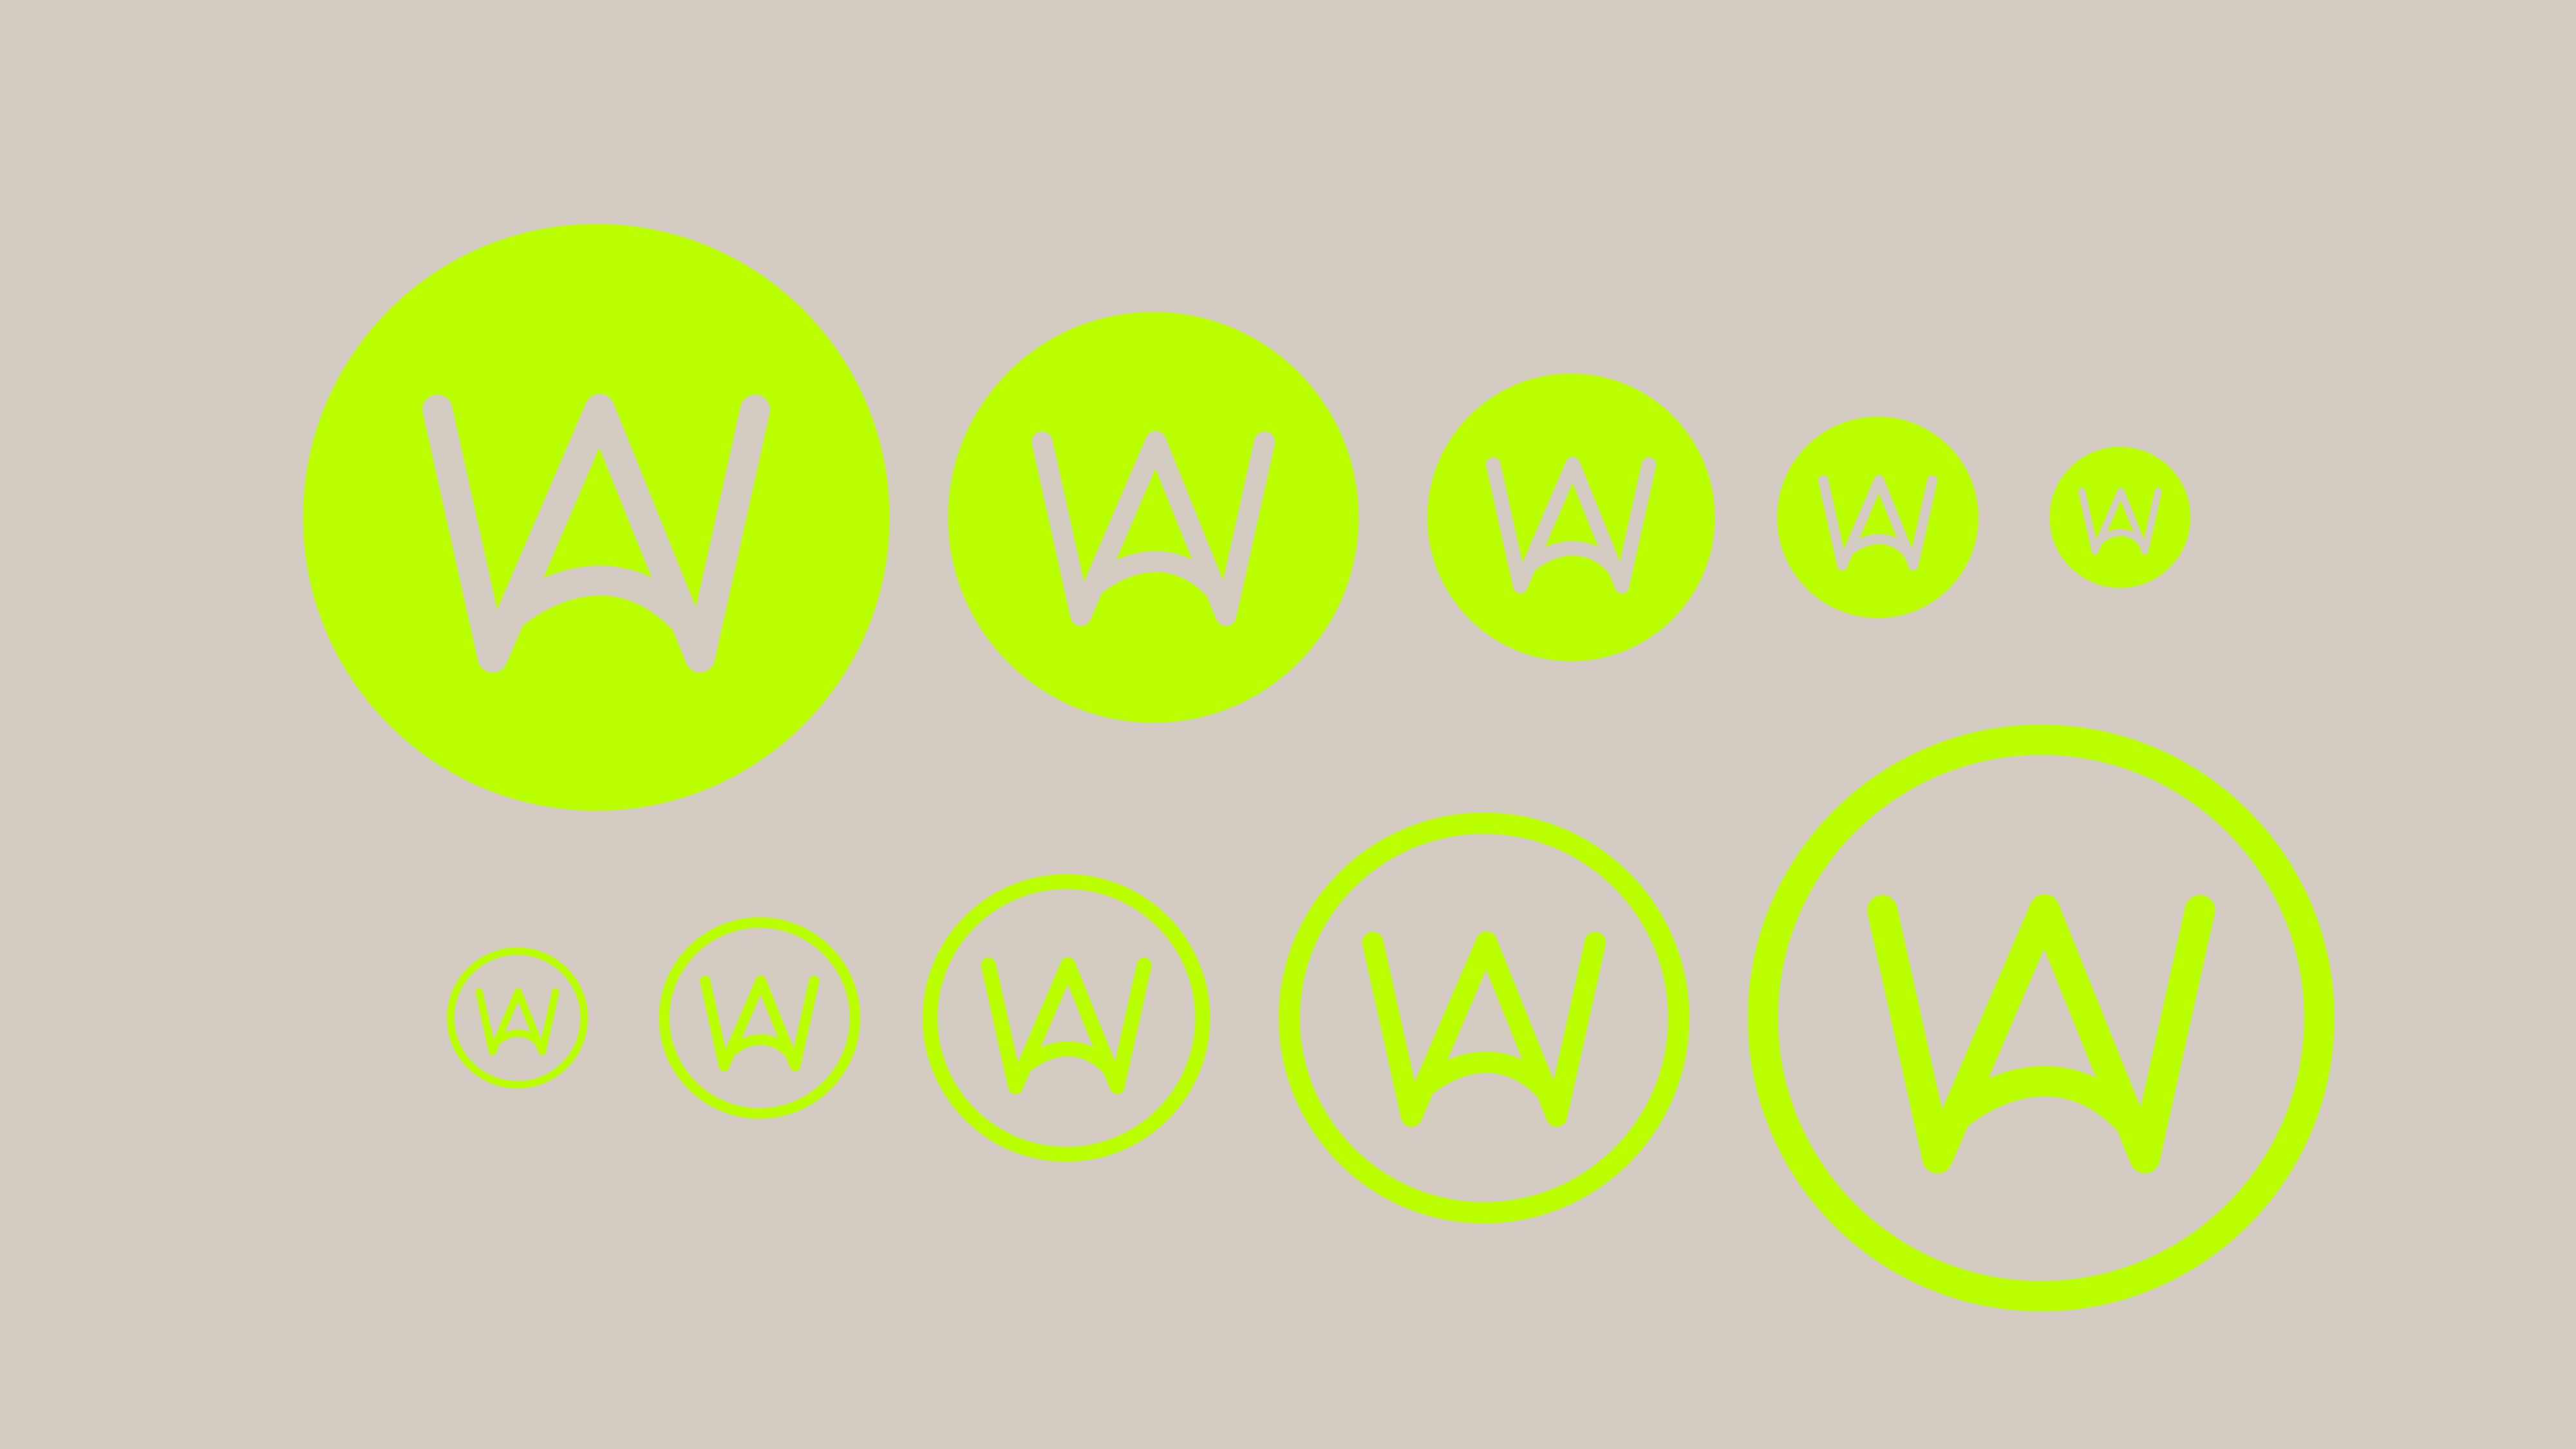 WorkAround_v3-02